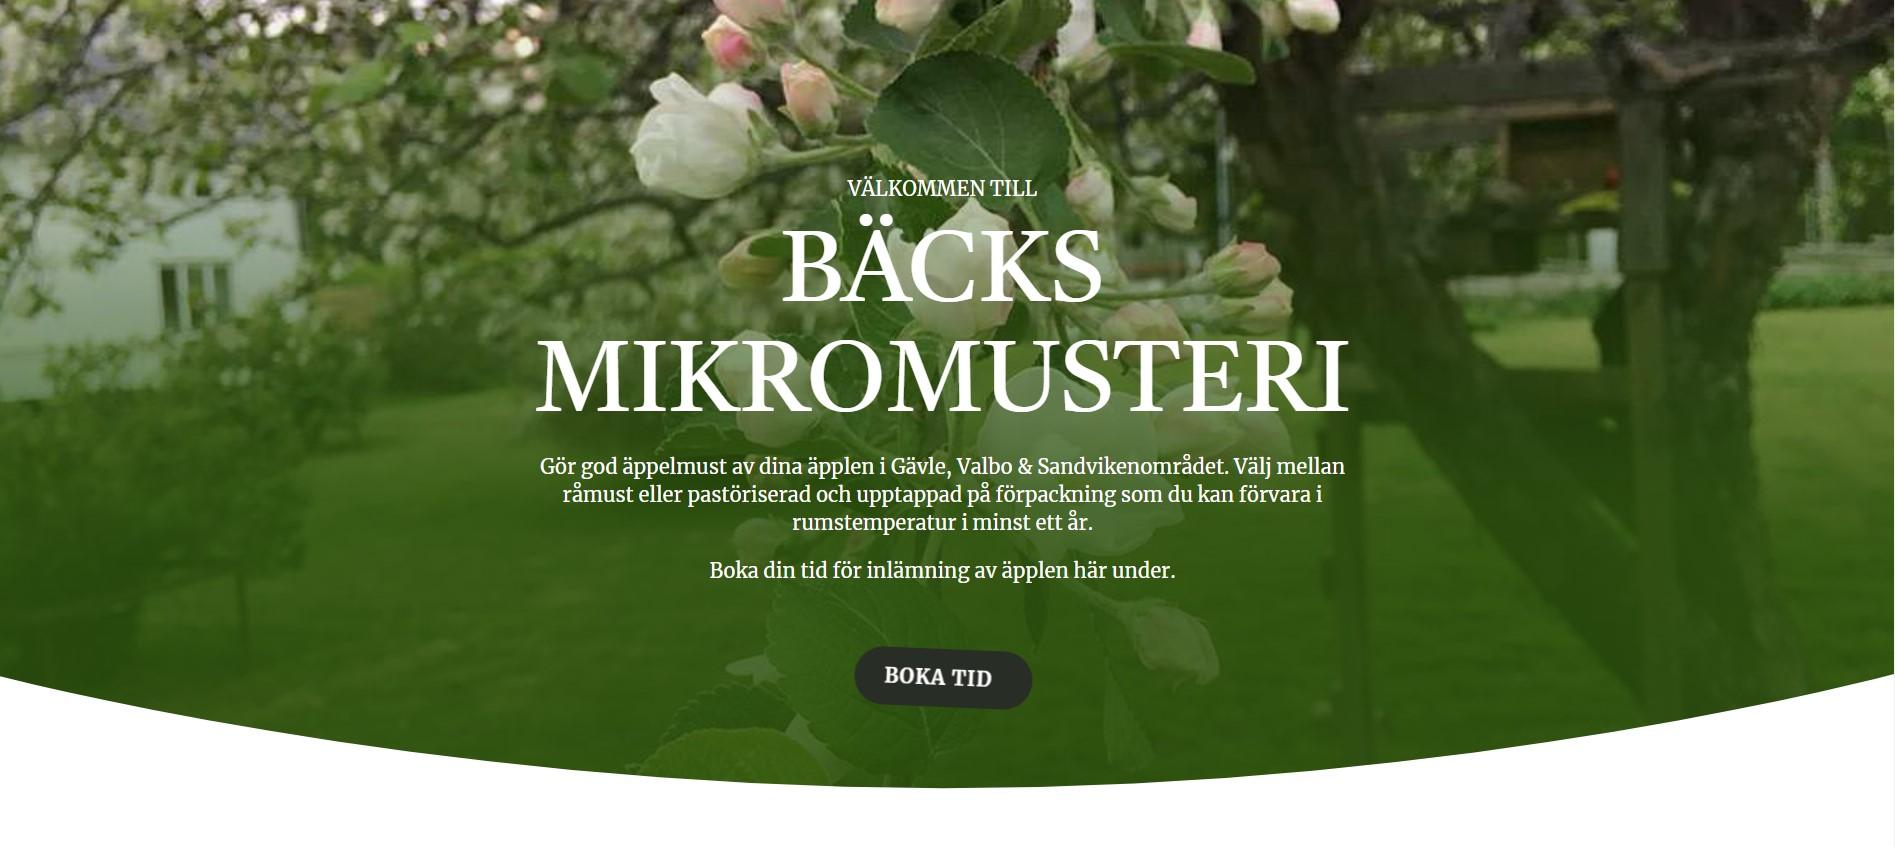 Bild: Bäcks Mikromusteri